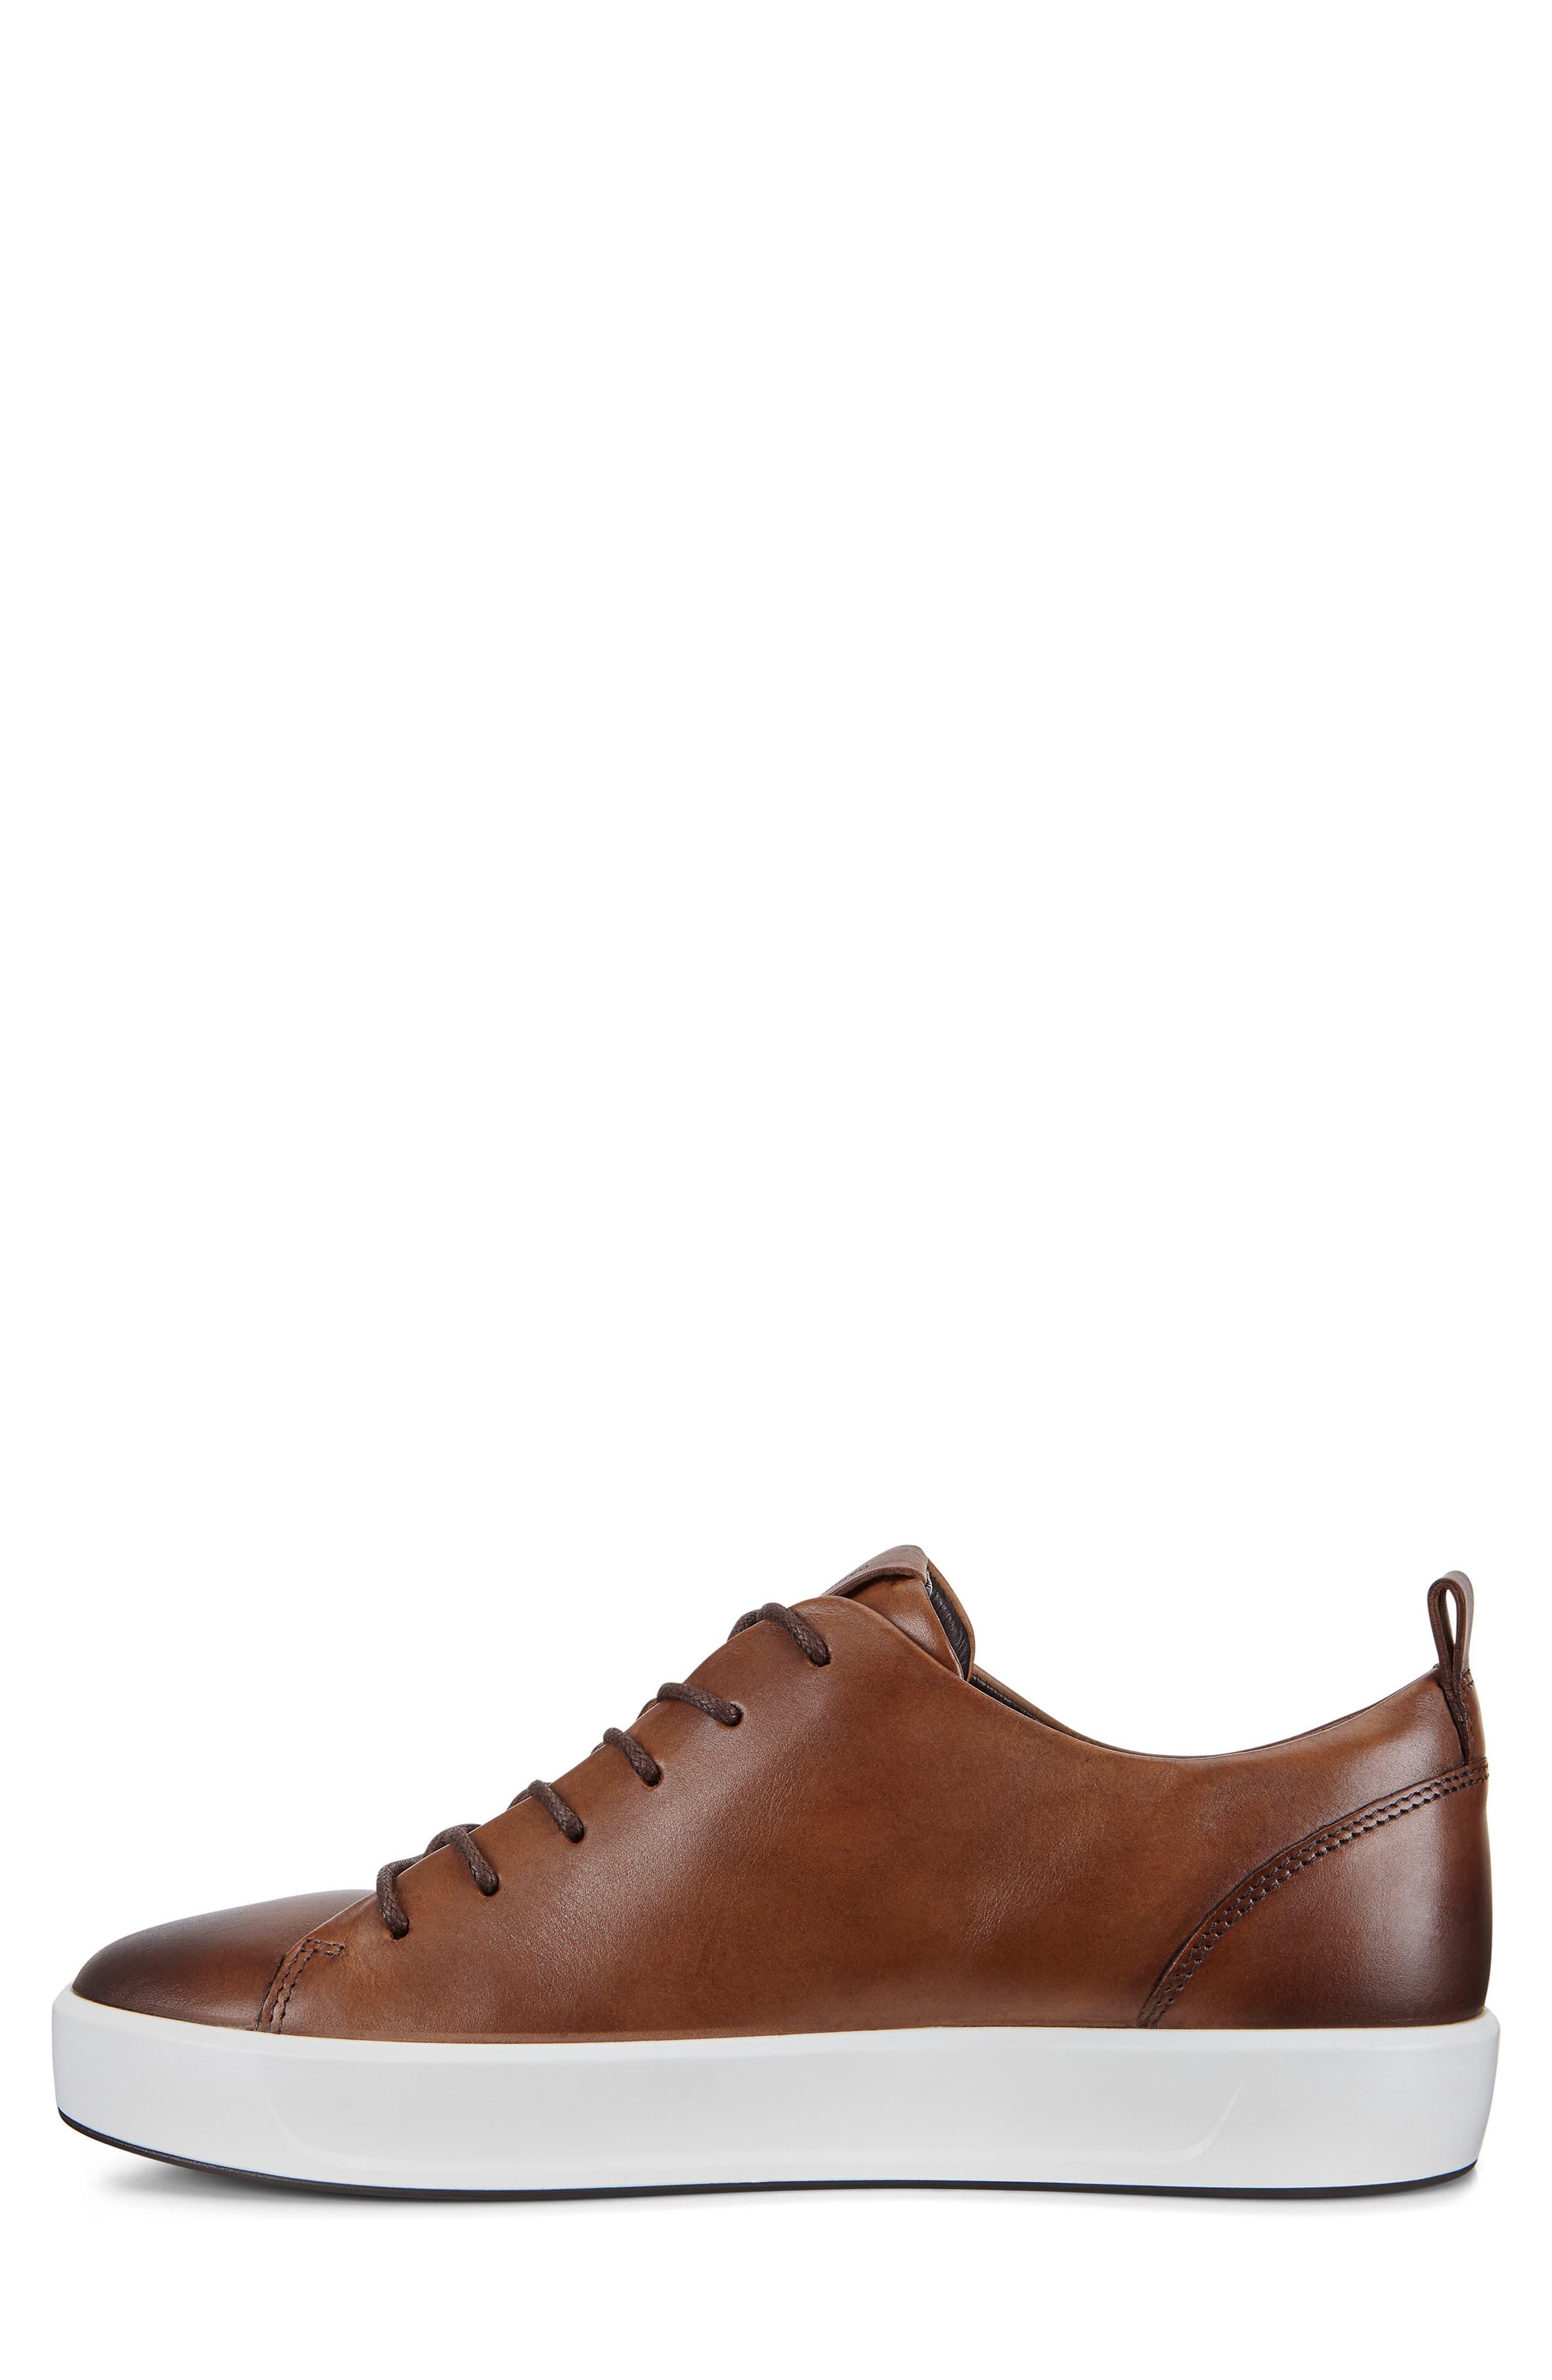 Soft 8 Street Sneaker,                             Alternate thumbnail 8, color,                             LION